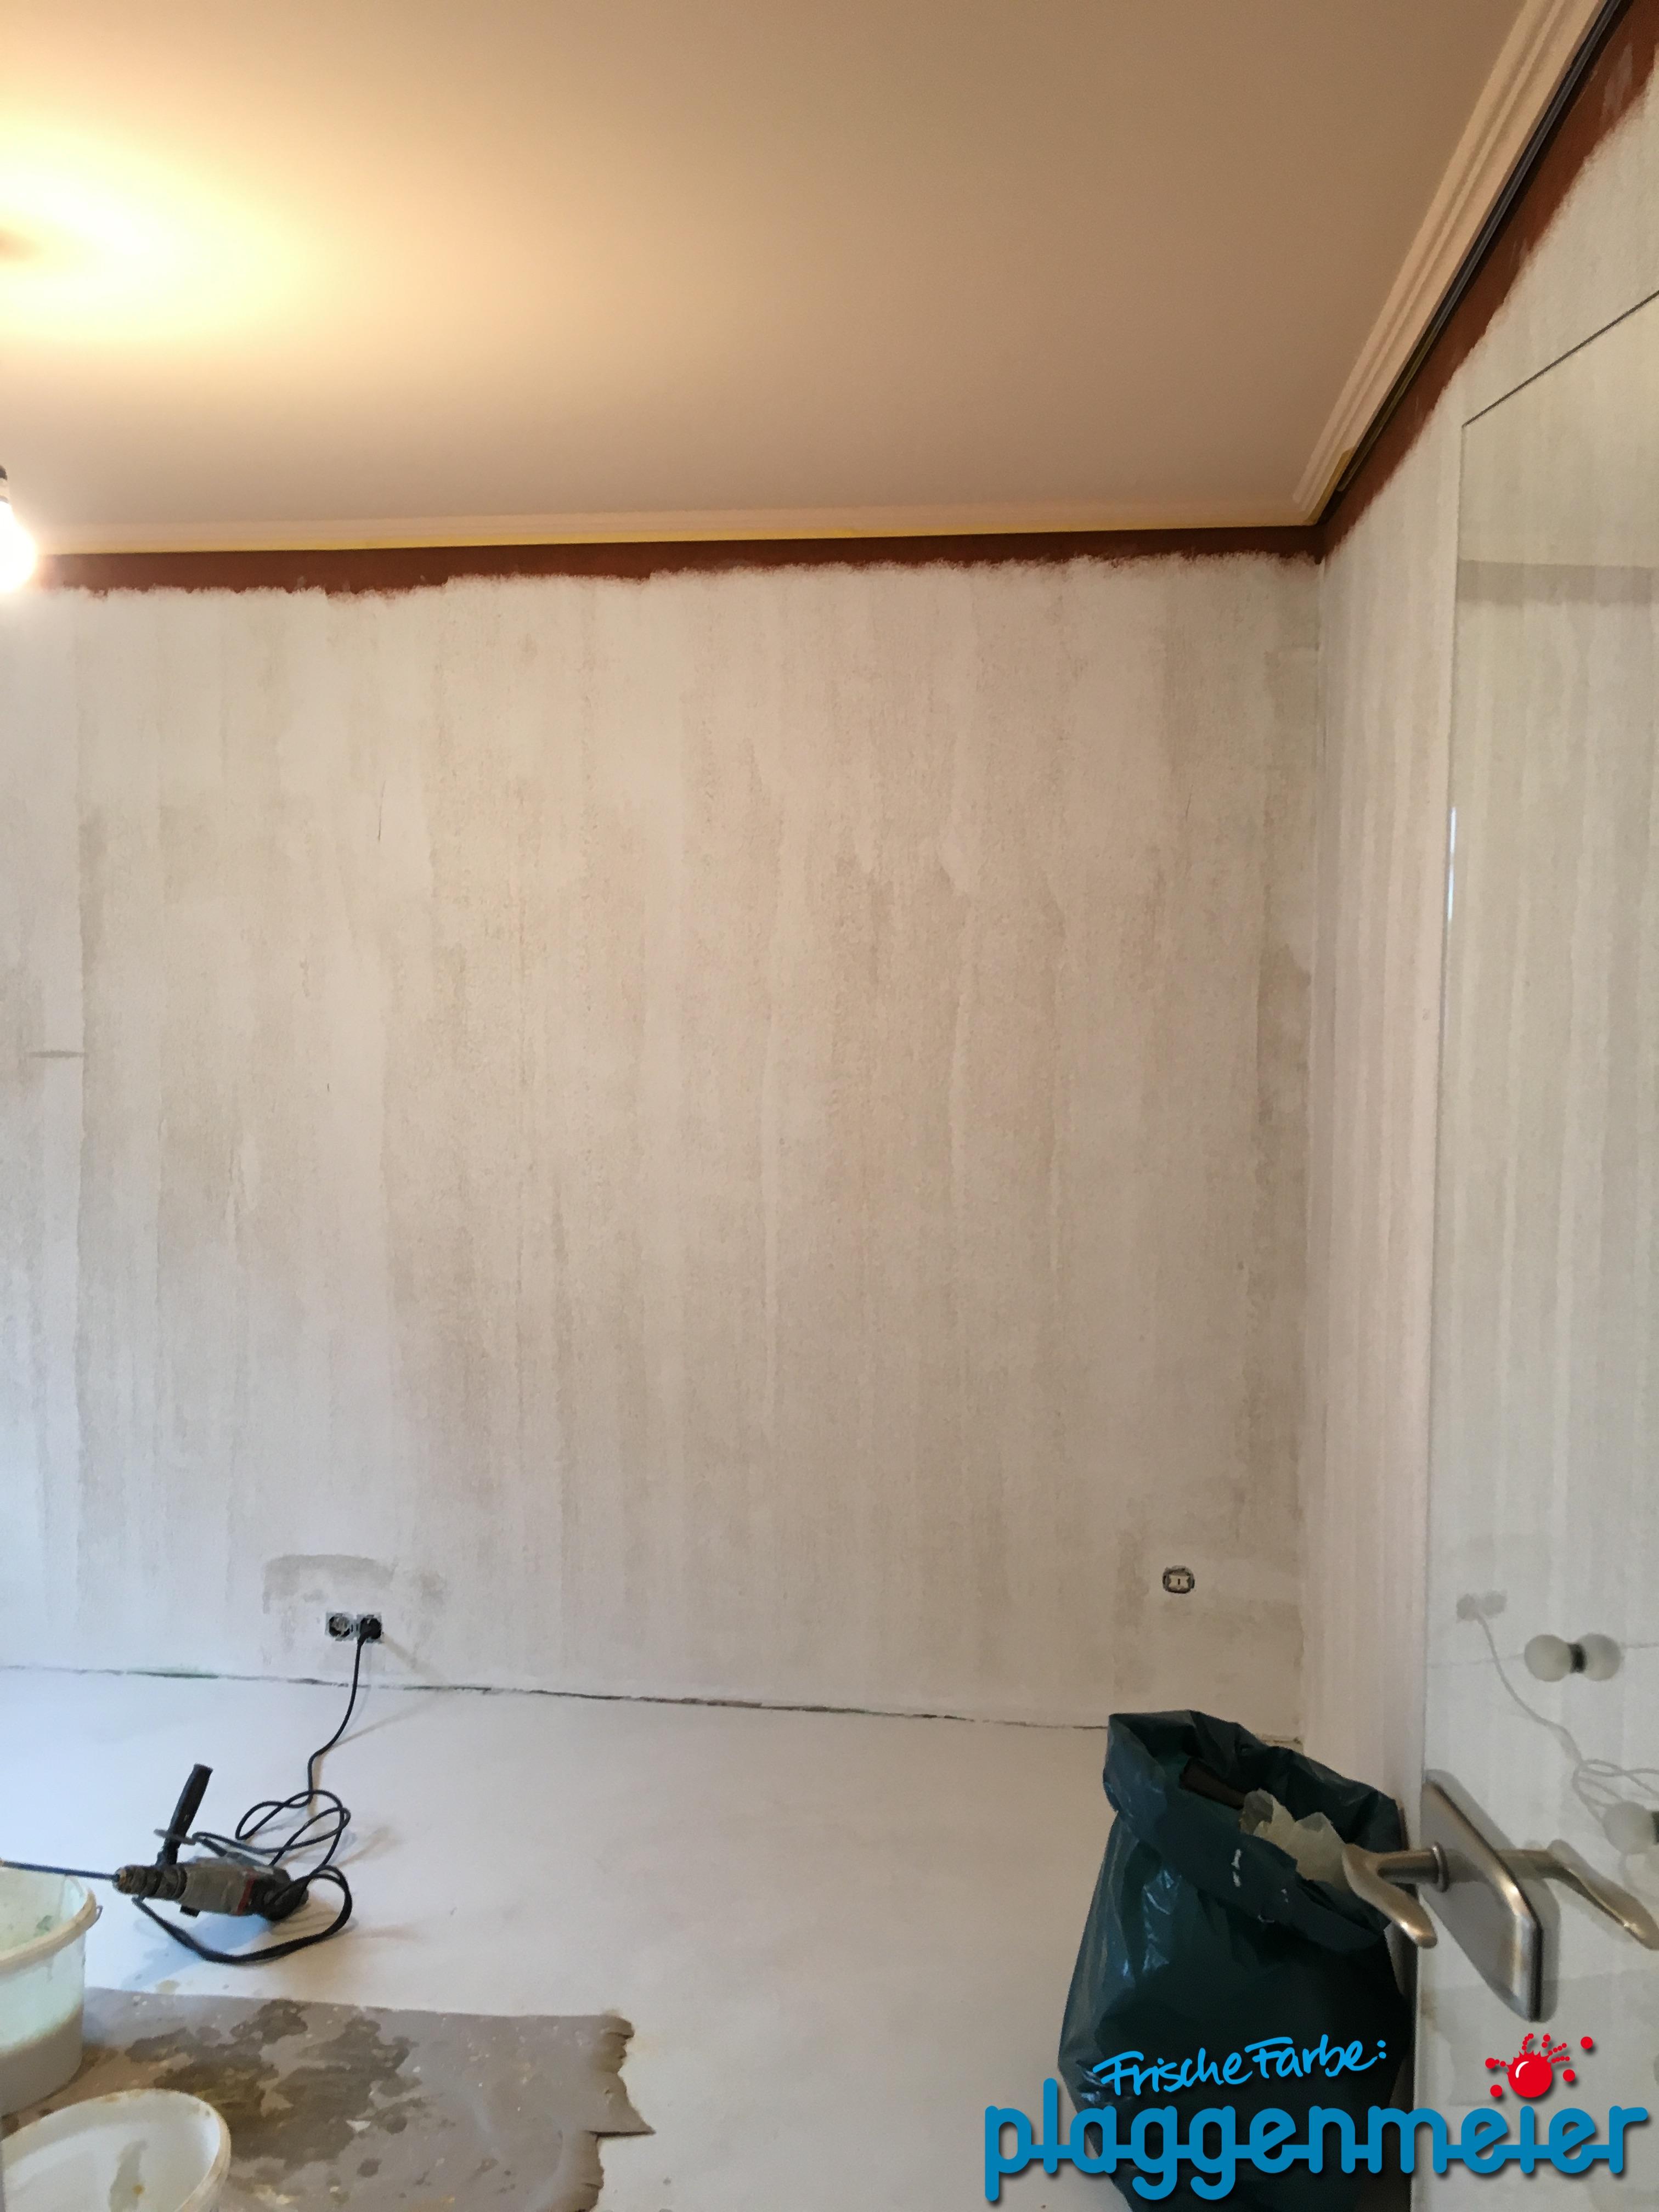 Vorbereitungen abgeschlossen, jetzt kann die Volimea Beschichtung aufgetragen werden. In Delmenhorst und Bremen von Plaggenmeier